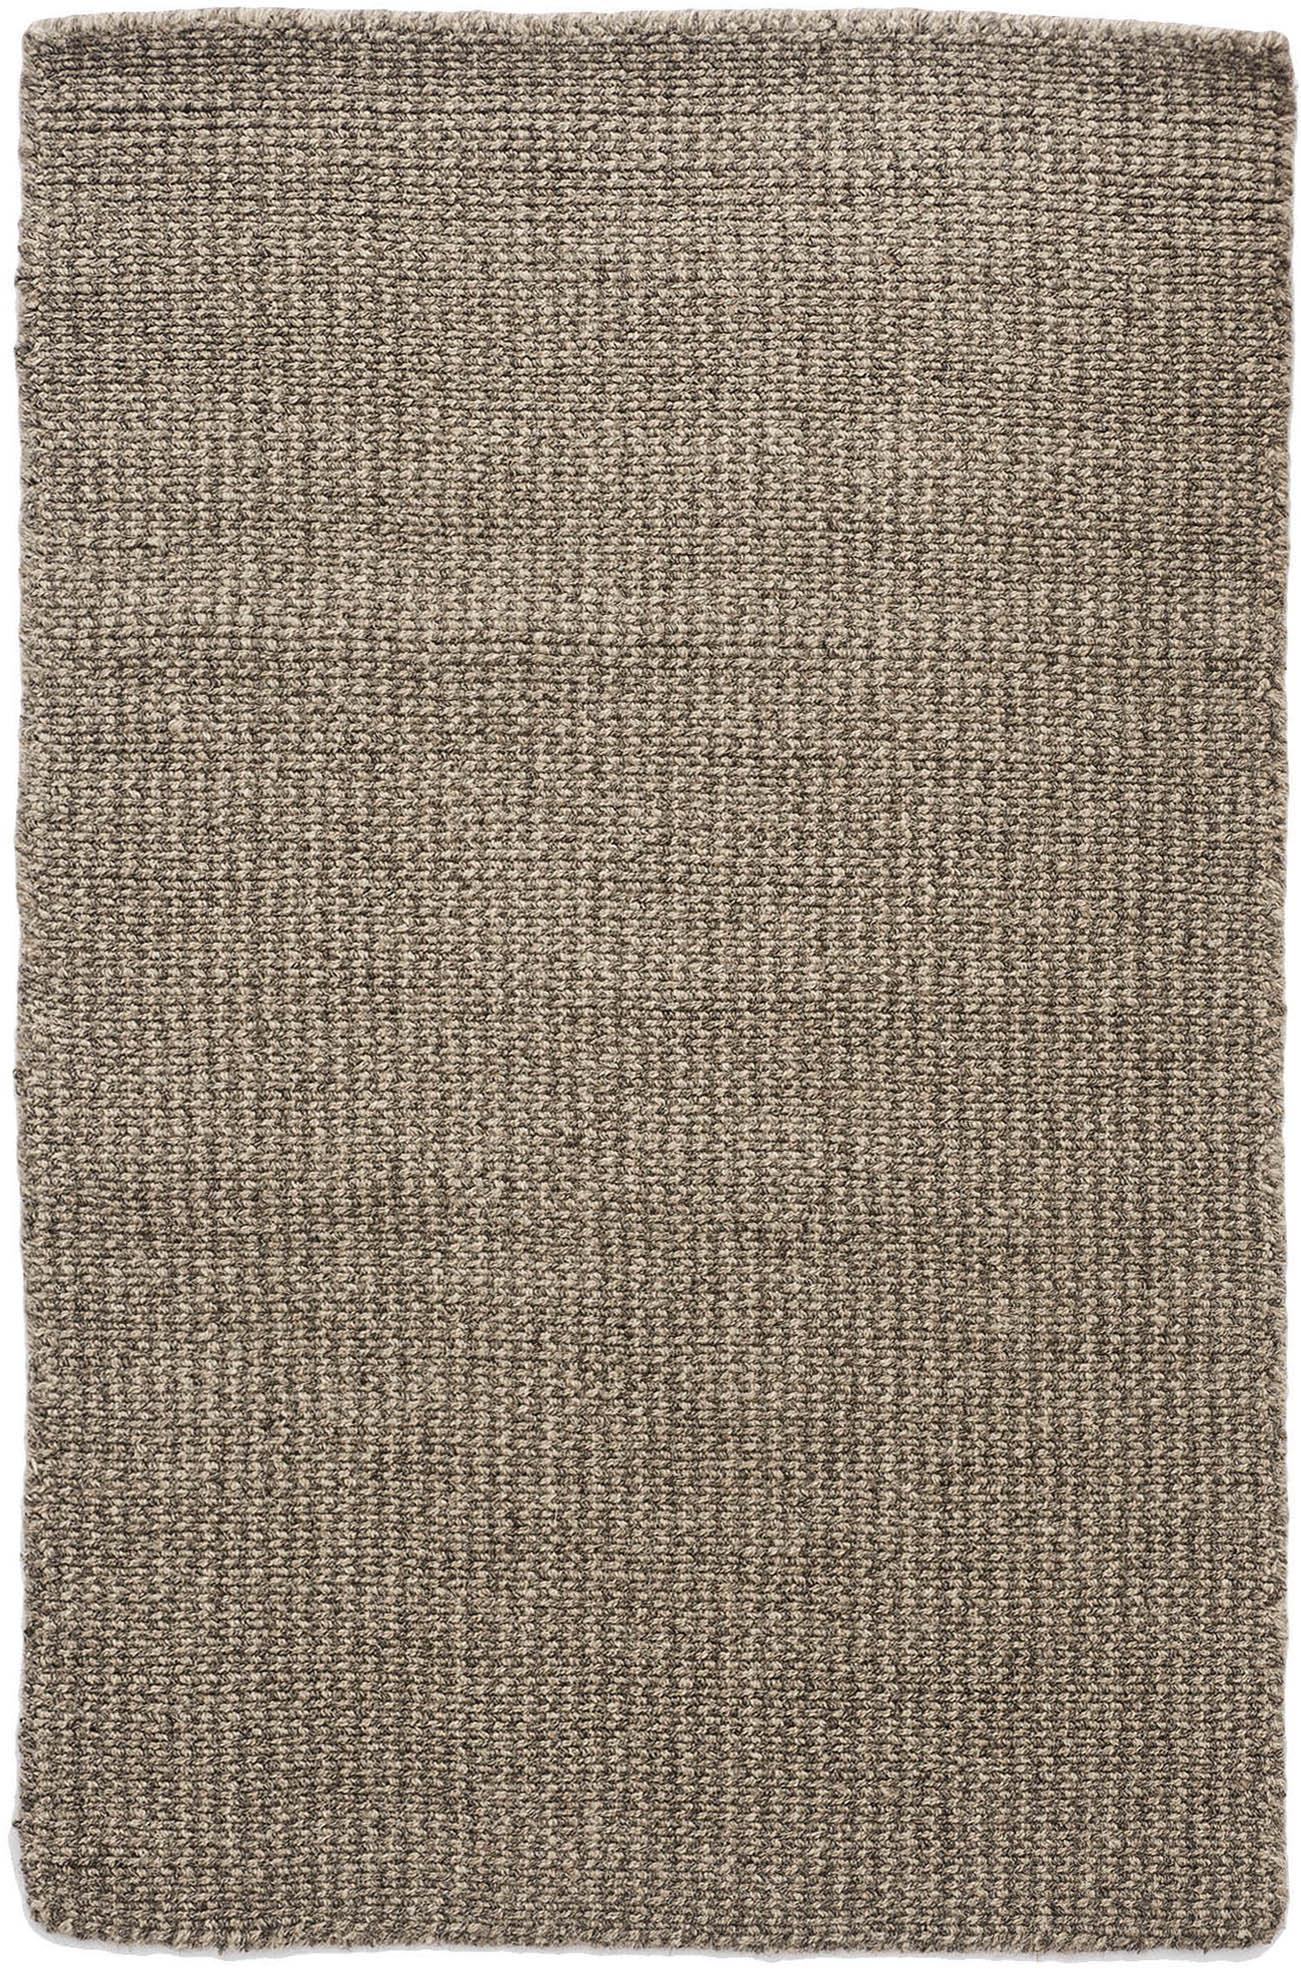 Crossweave Wool Taupe Grey Natural Loom Hooked Rug Hook